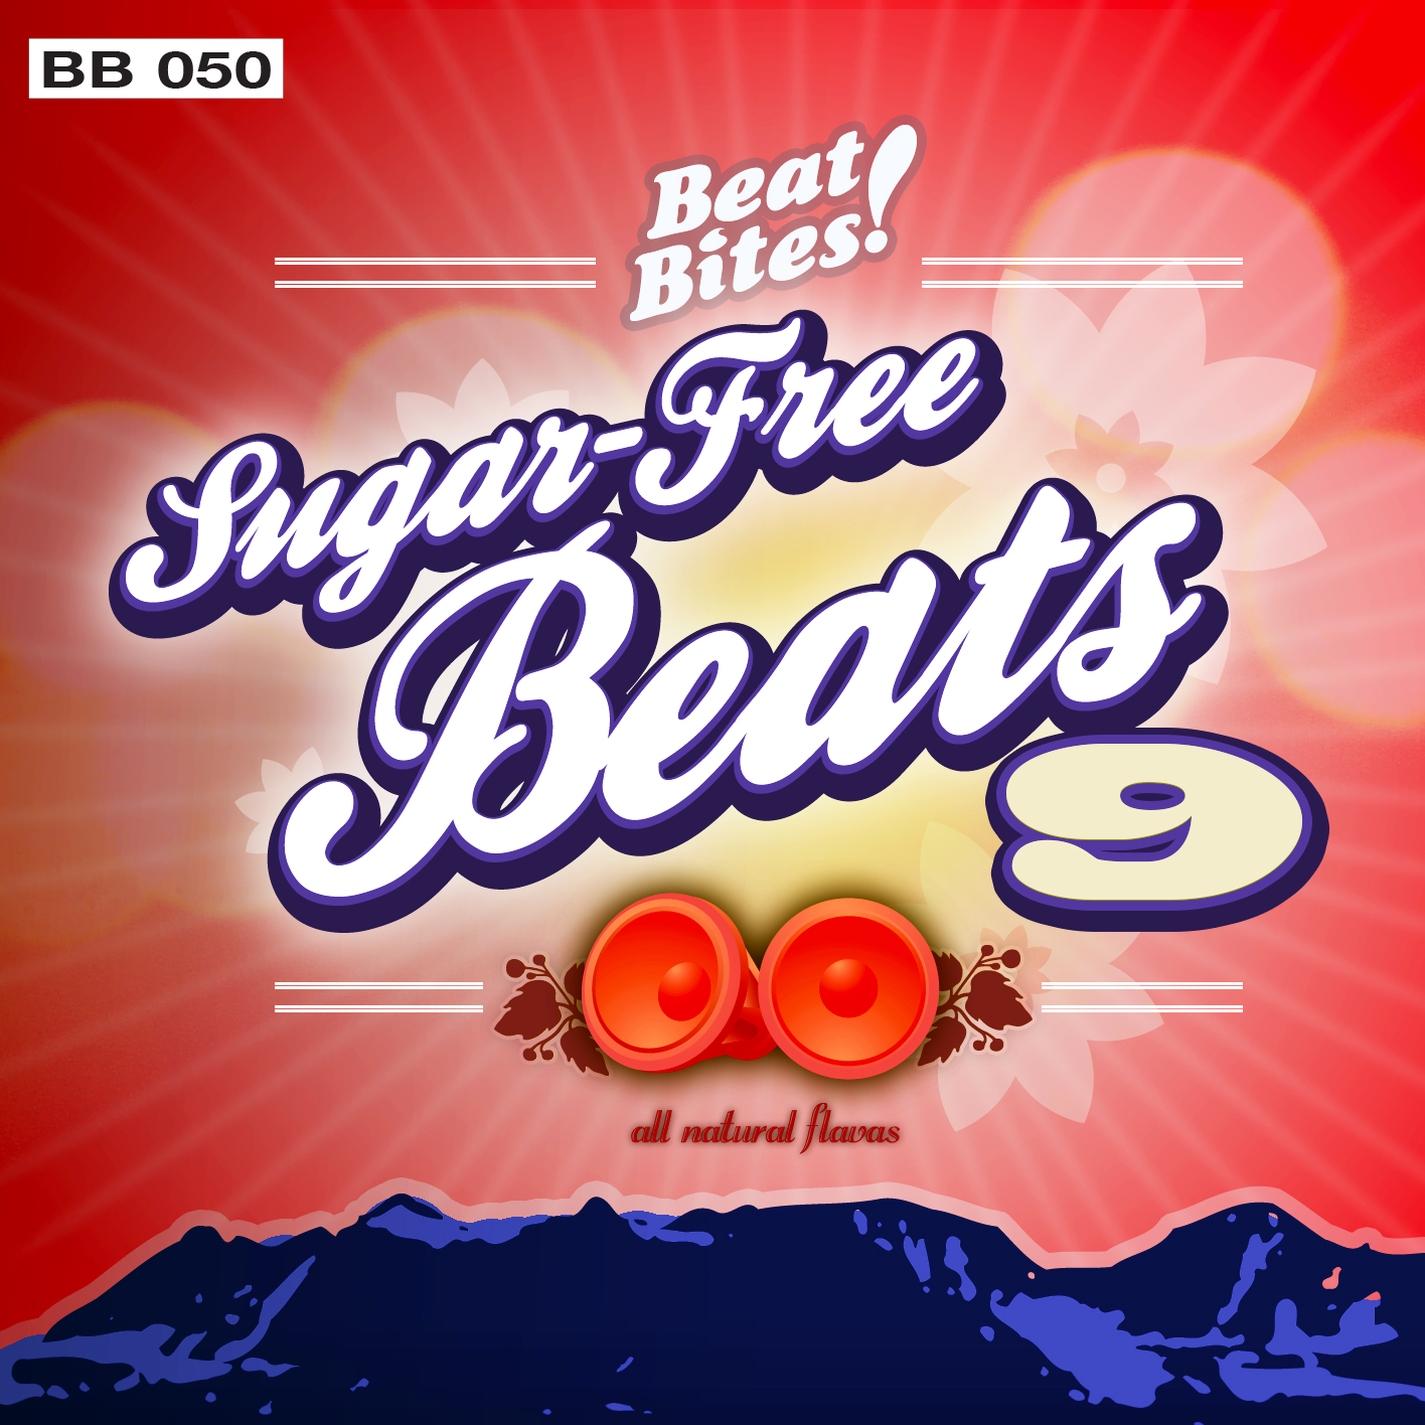 Sugar-Free Beats 9